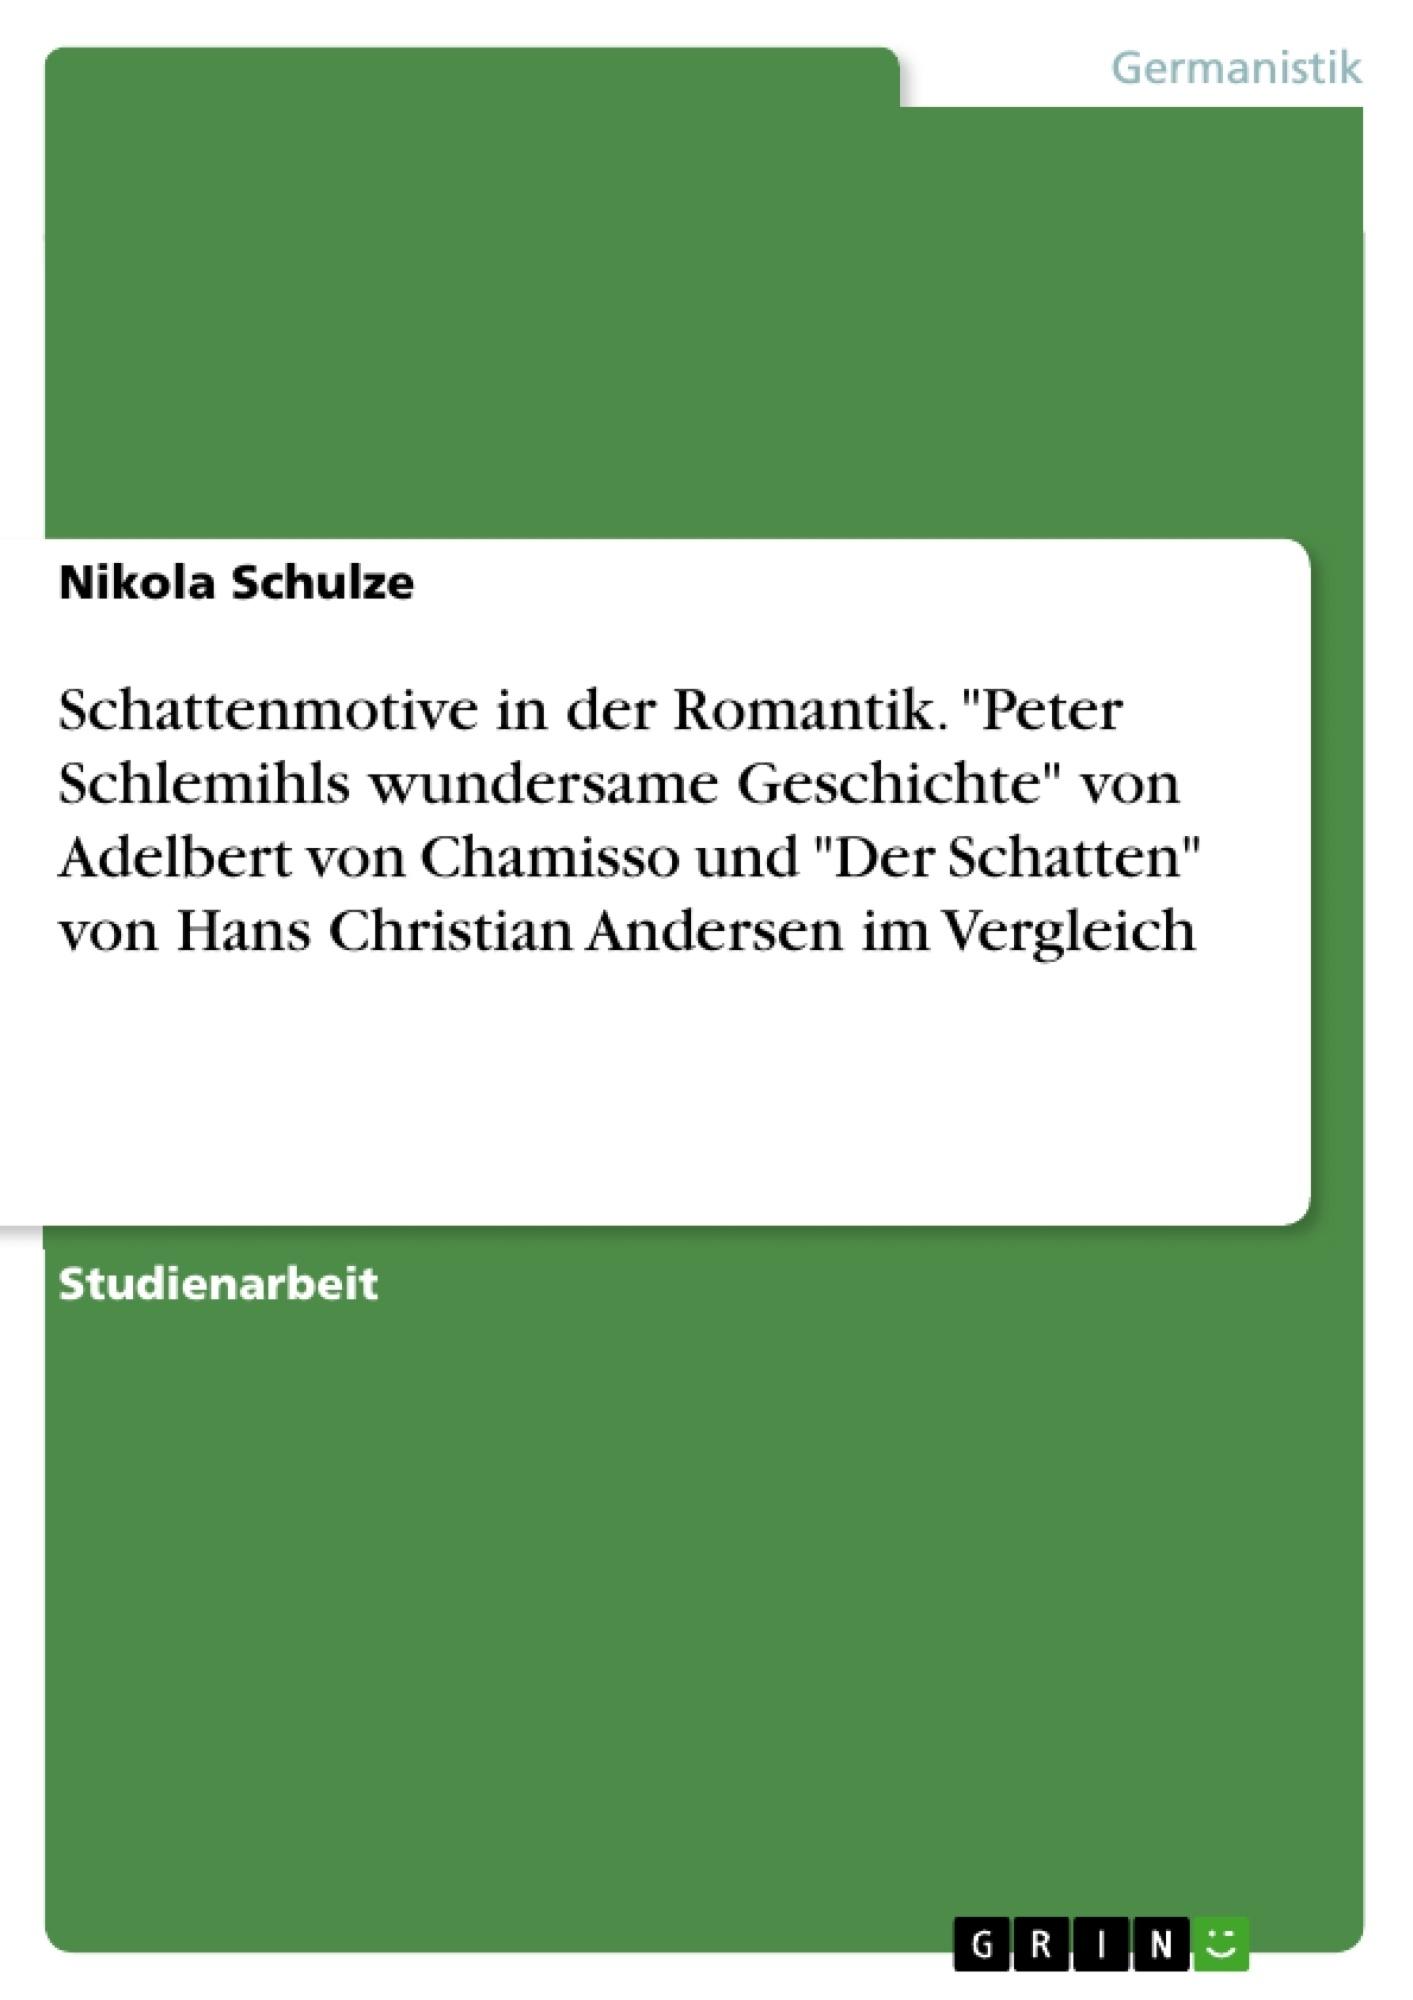 """Titel: Schattenmotive in der Romantik. """"Peter Schlemihls wundersame Geschichte"""" von  Adelbert von Chamisso und """"Der Schatten"""" von Hans Christian Andersen im Vergleich"""